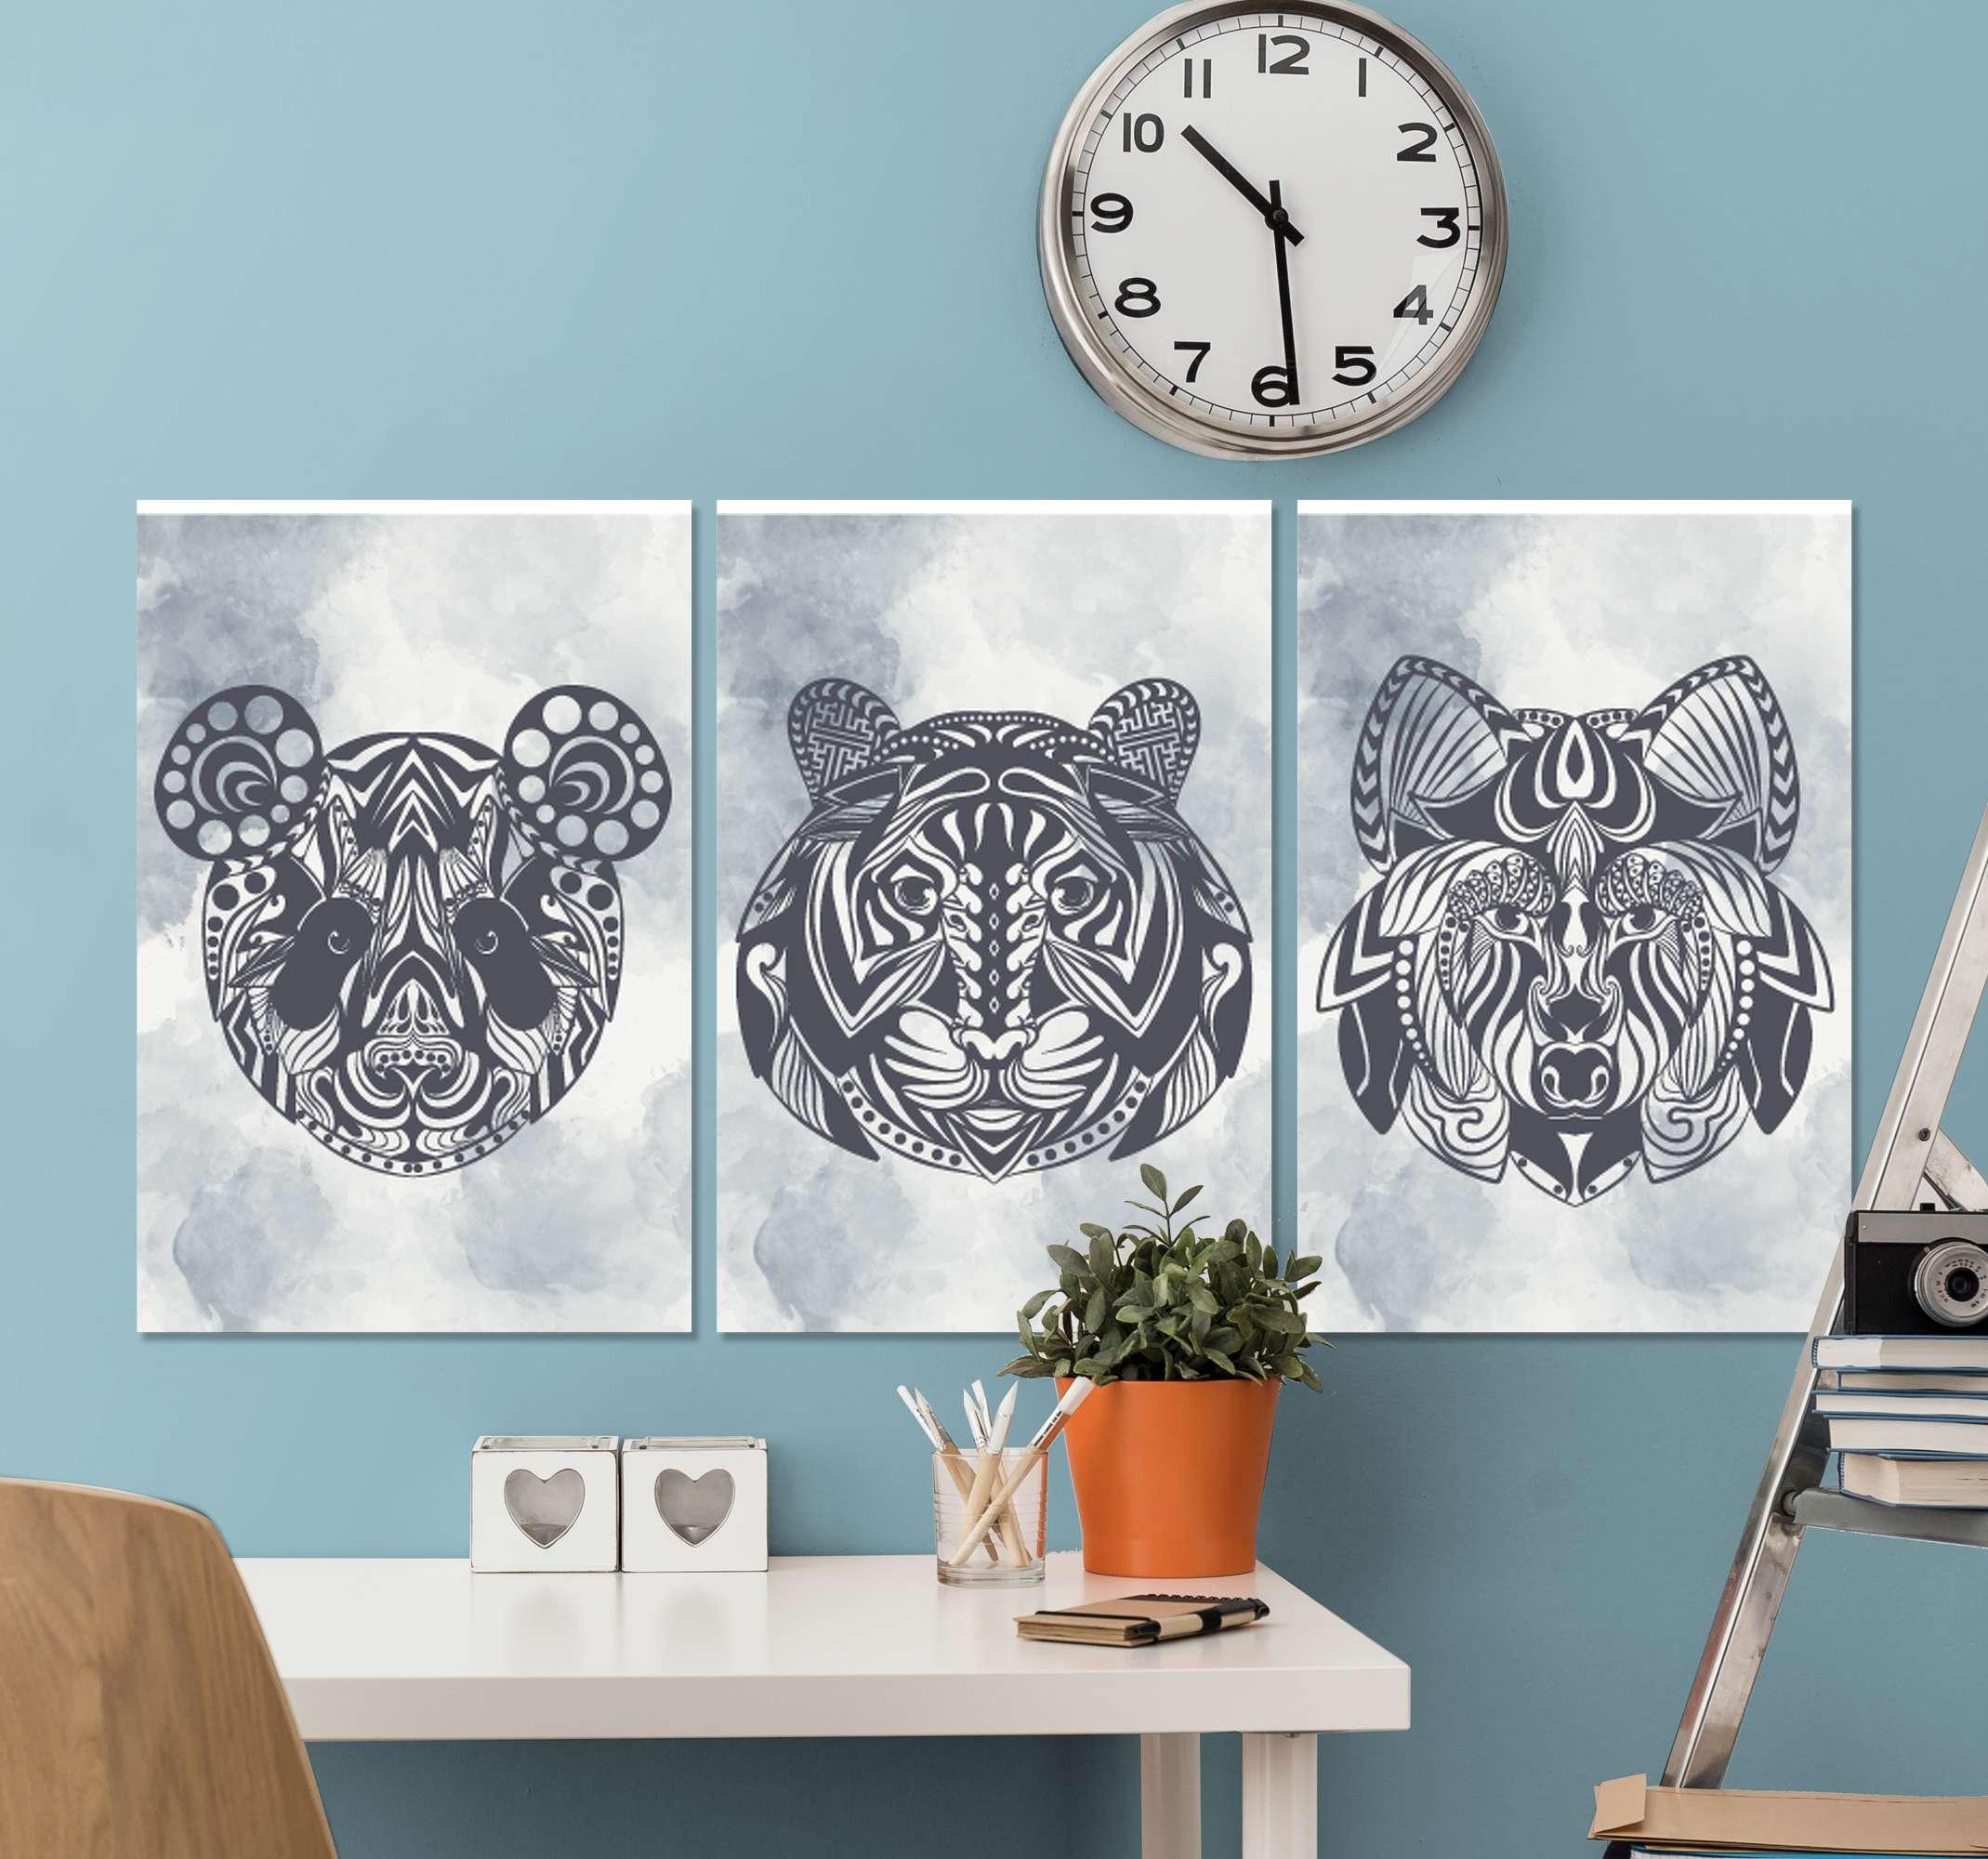 TenStickers. Dipinto mandala Faccia animale. Stampa su tela mandala che presenta 3 diverse stampe su tela tutte con facce di animali uniche in un motivo a mandala. Iscriviti per il 10% di sconto.